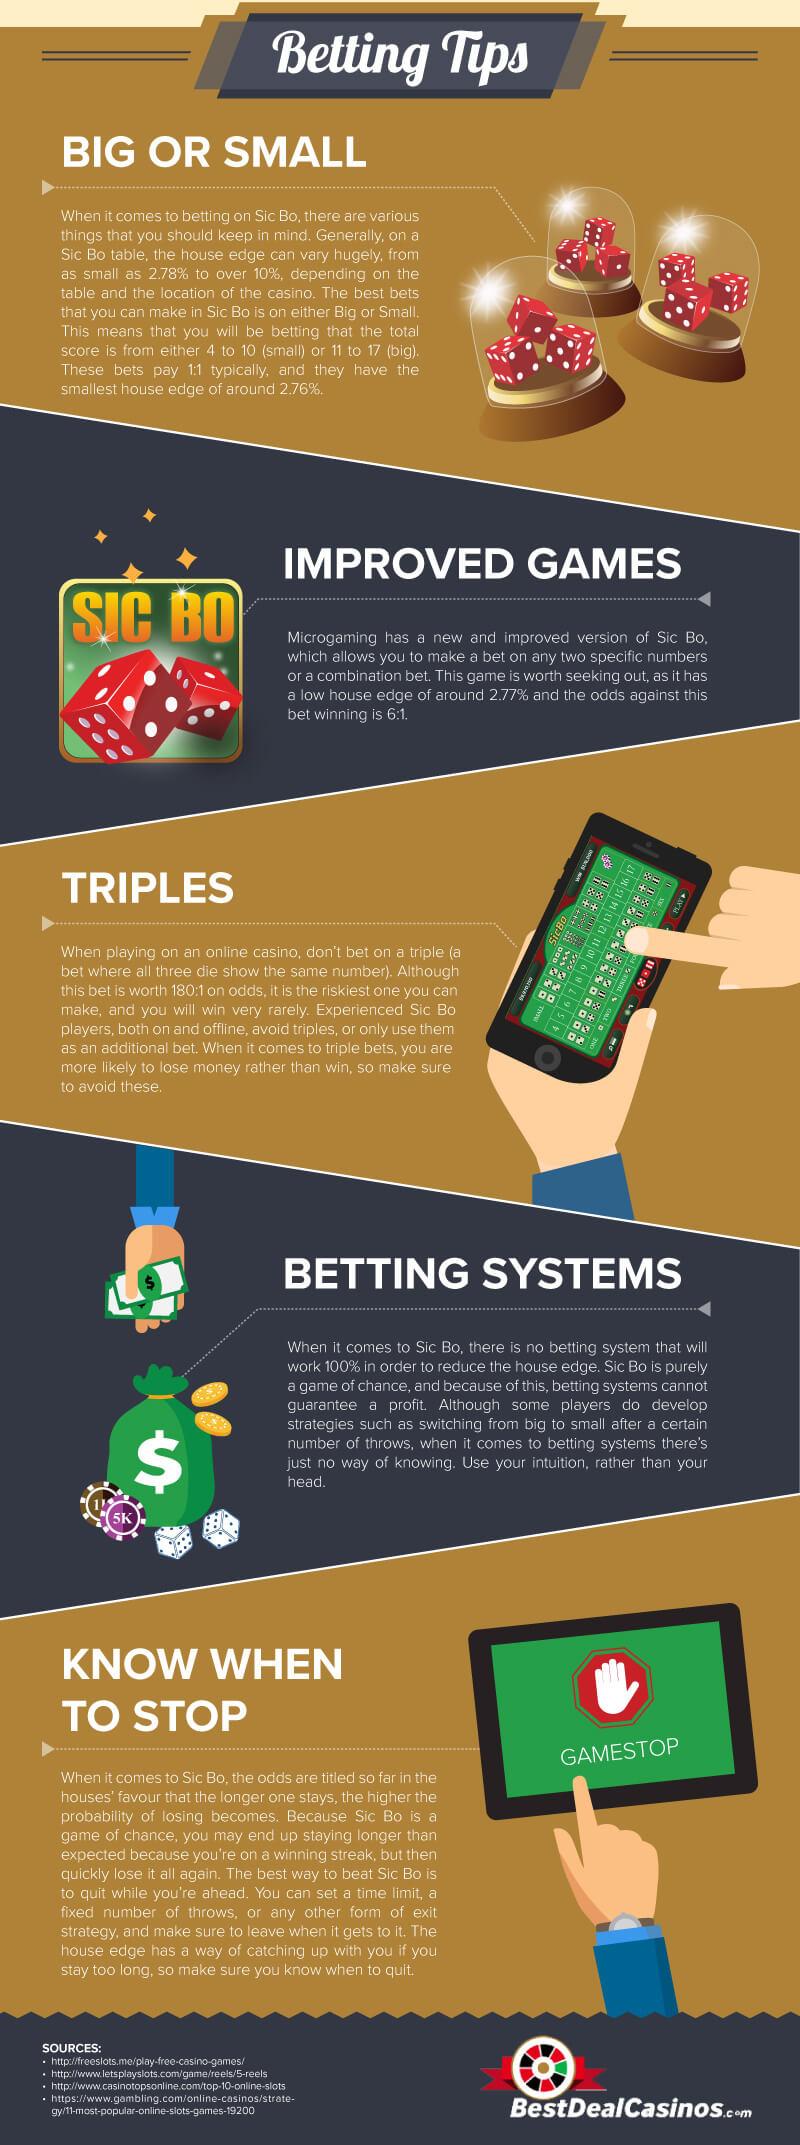 sic-bo-tips-for-online-casino-4